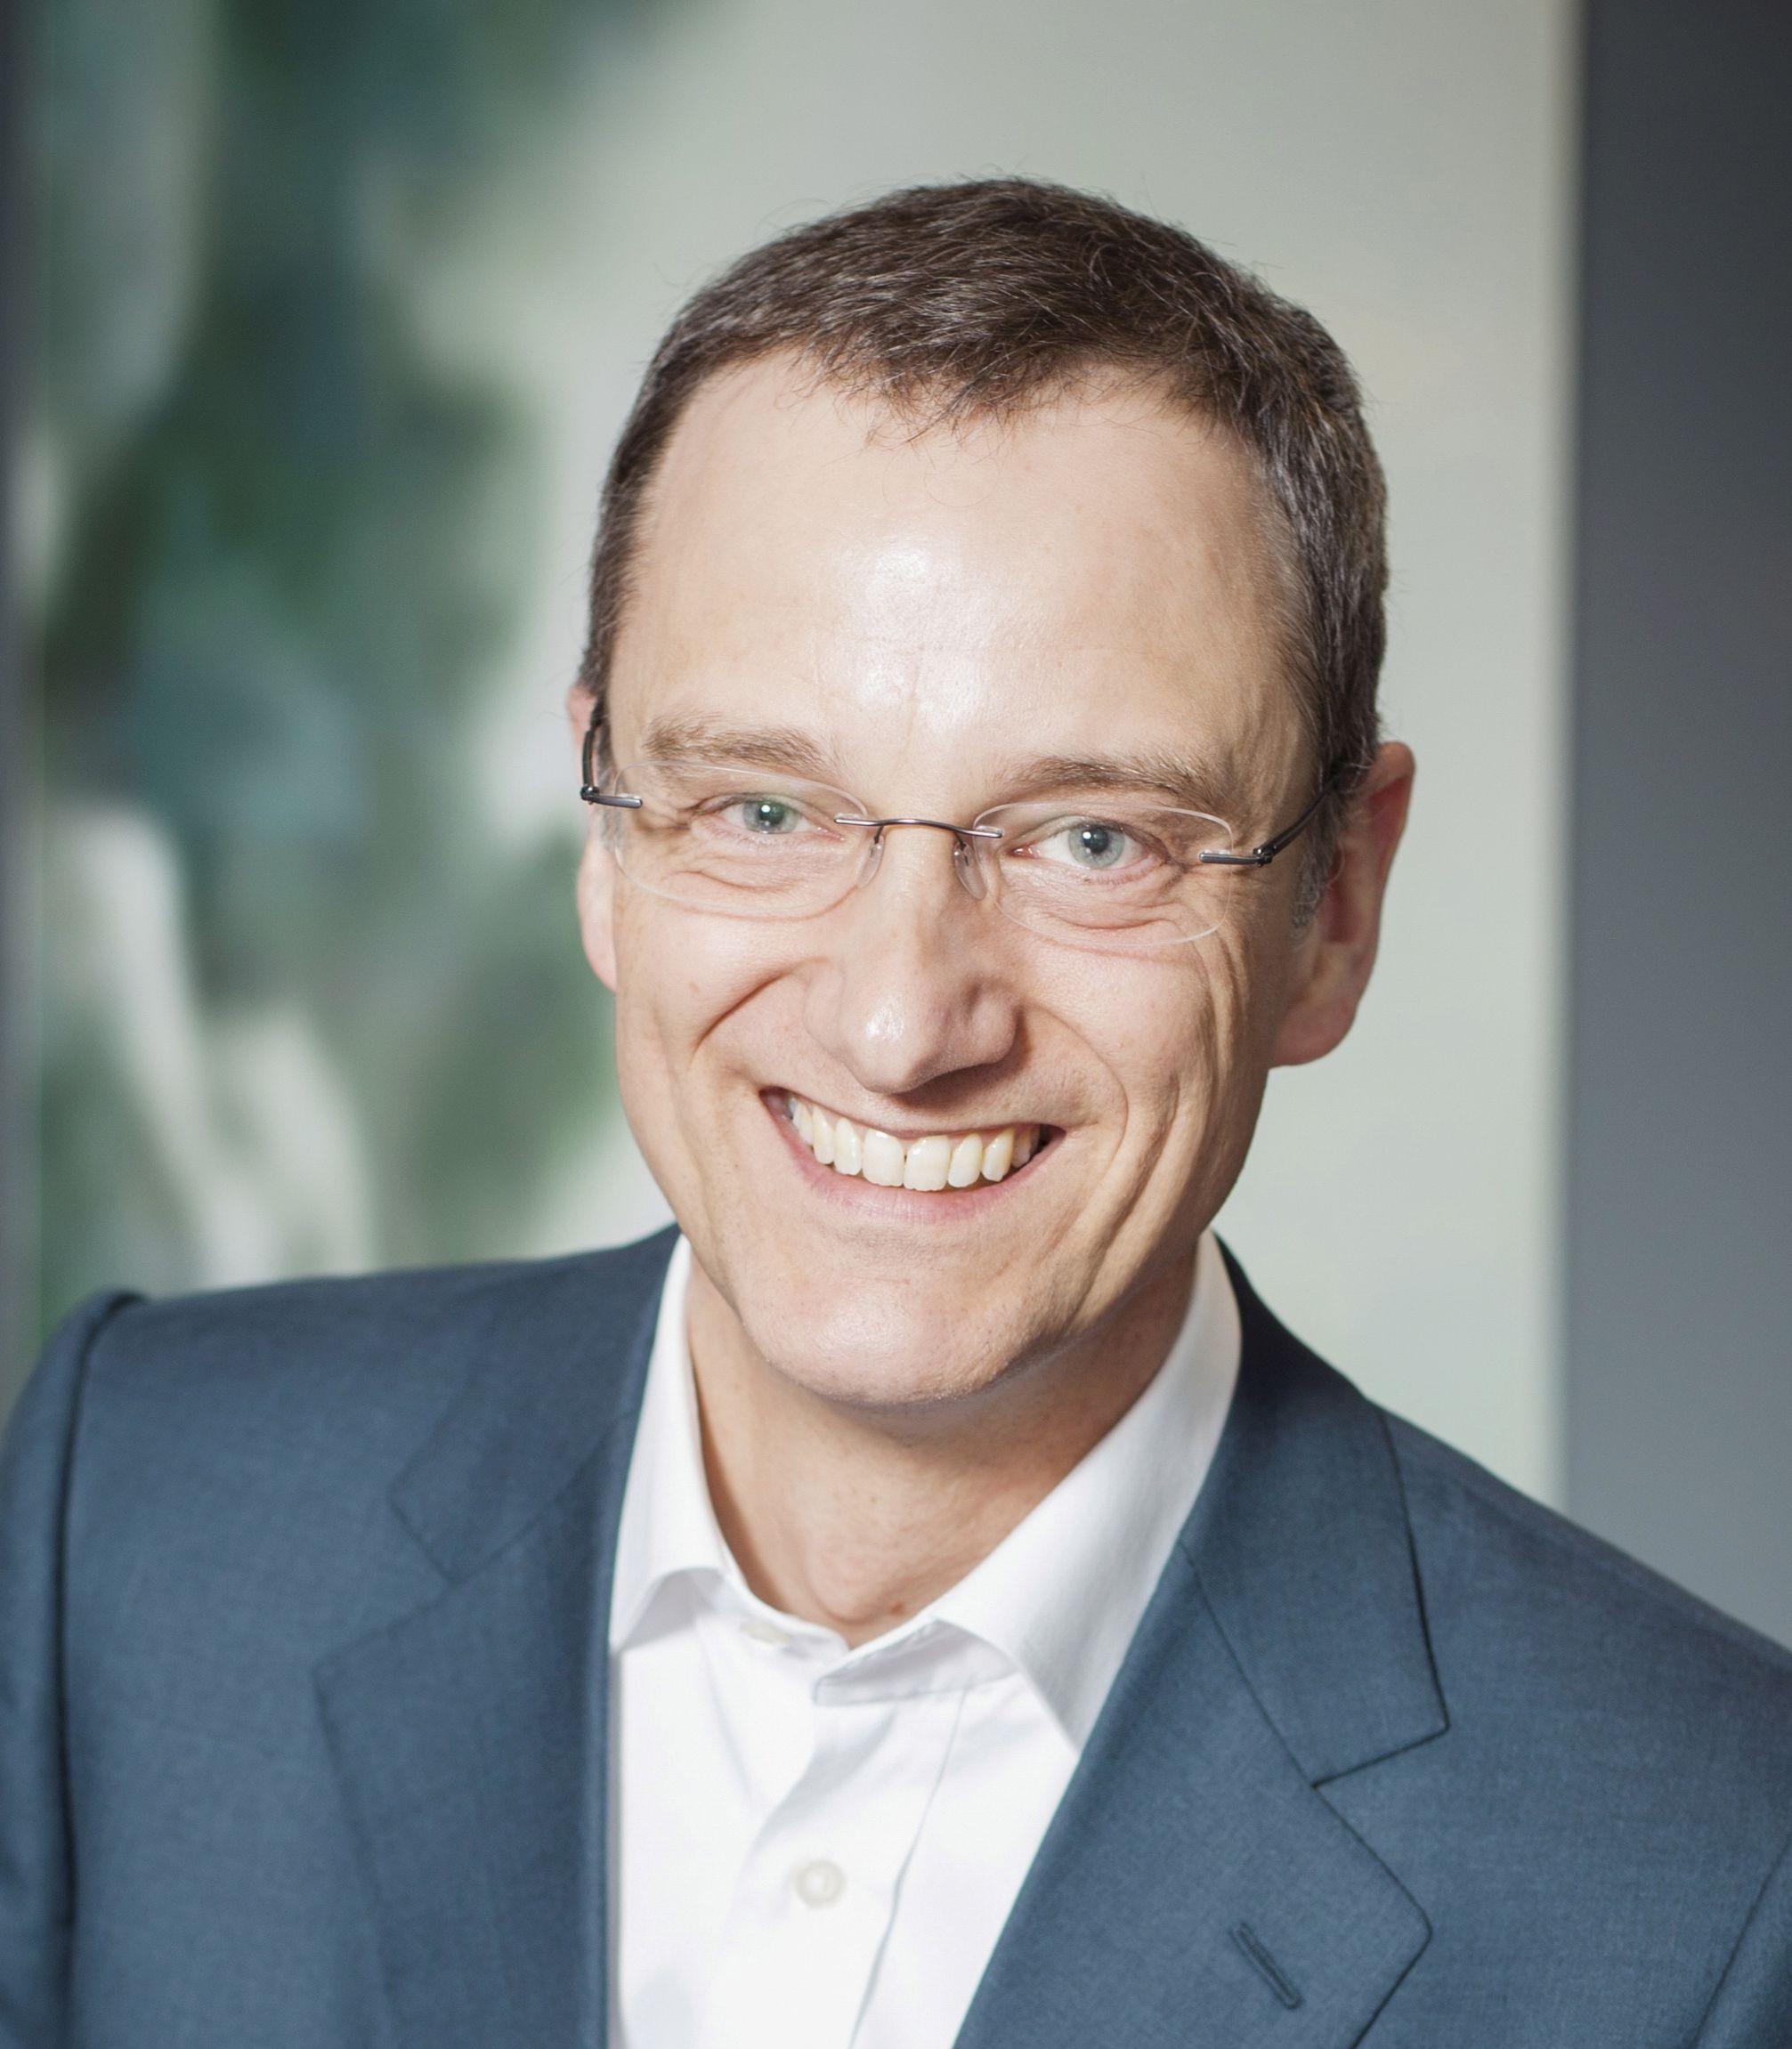 Dr. Christoph Kilger